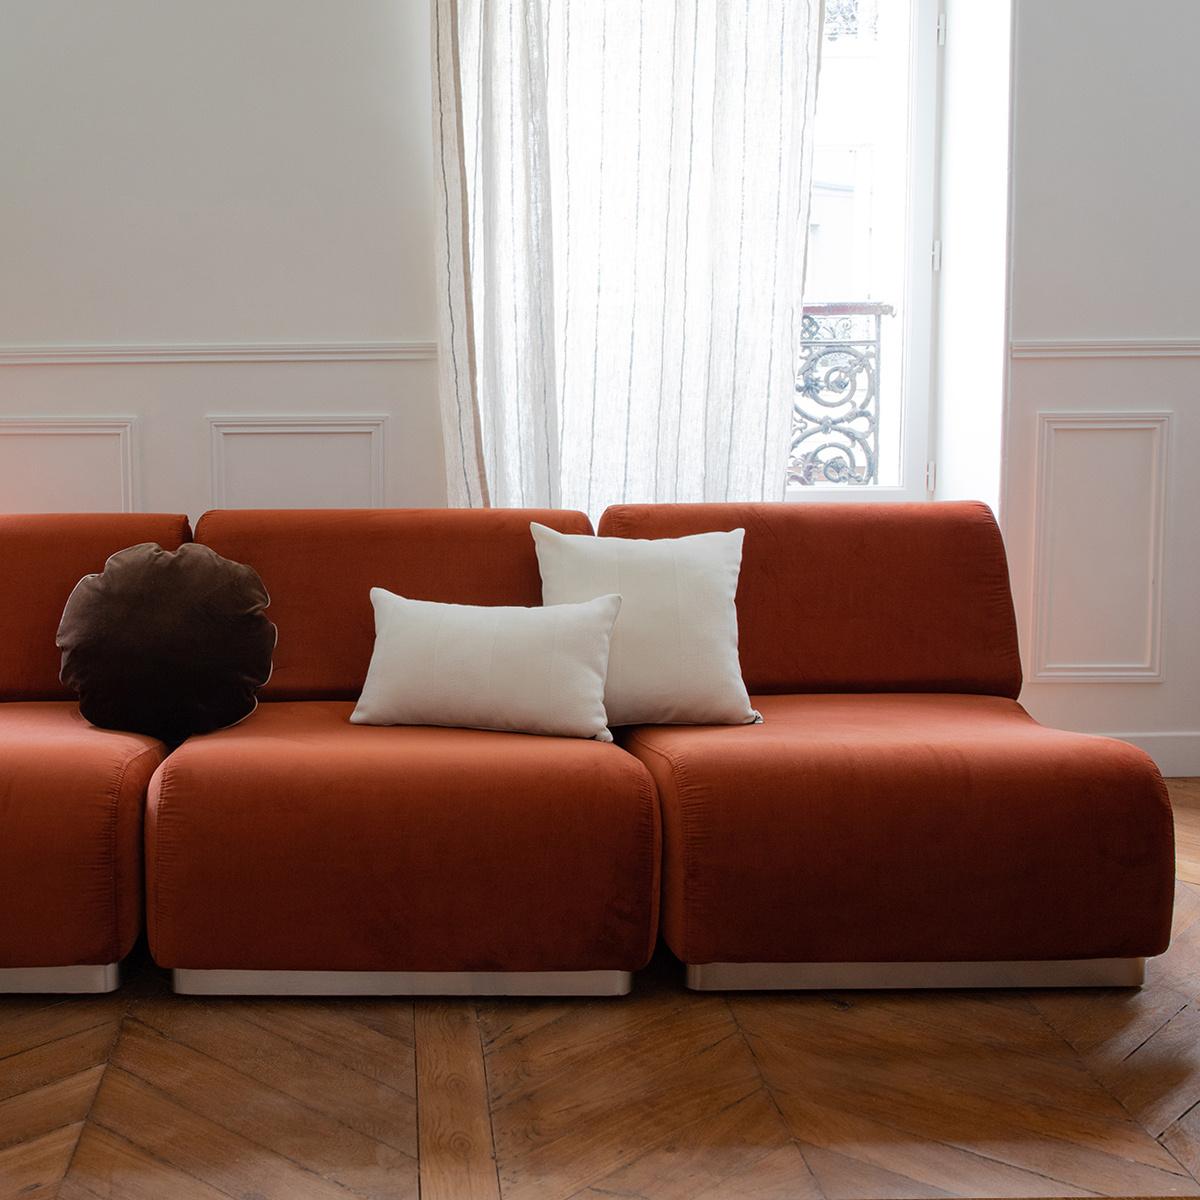 Terracotta Velvet Modular Sofa Rotondo The Socialite Family